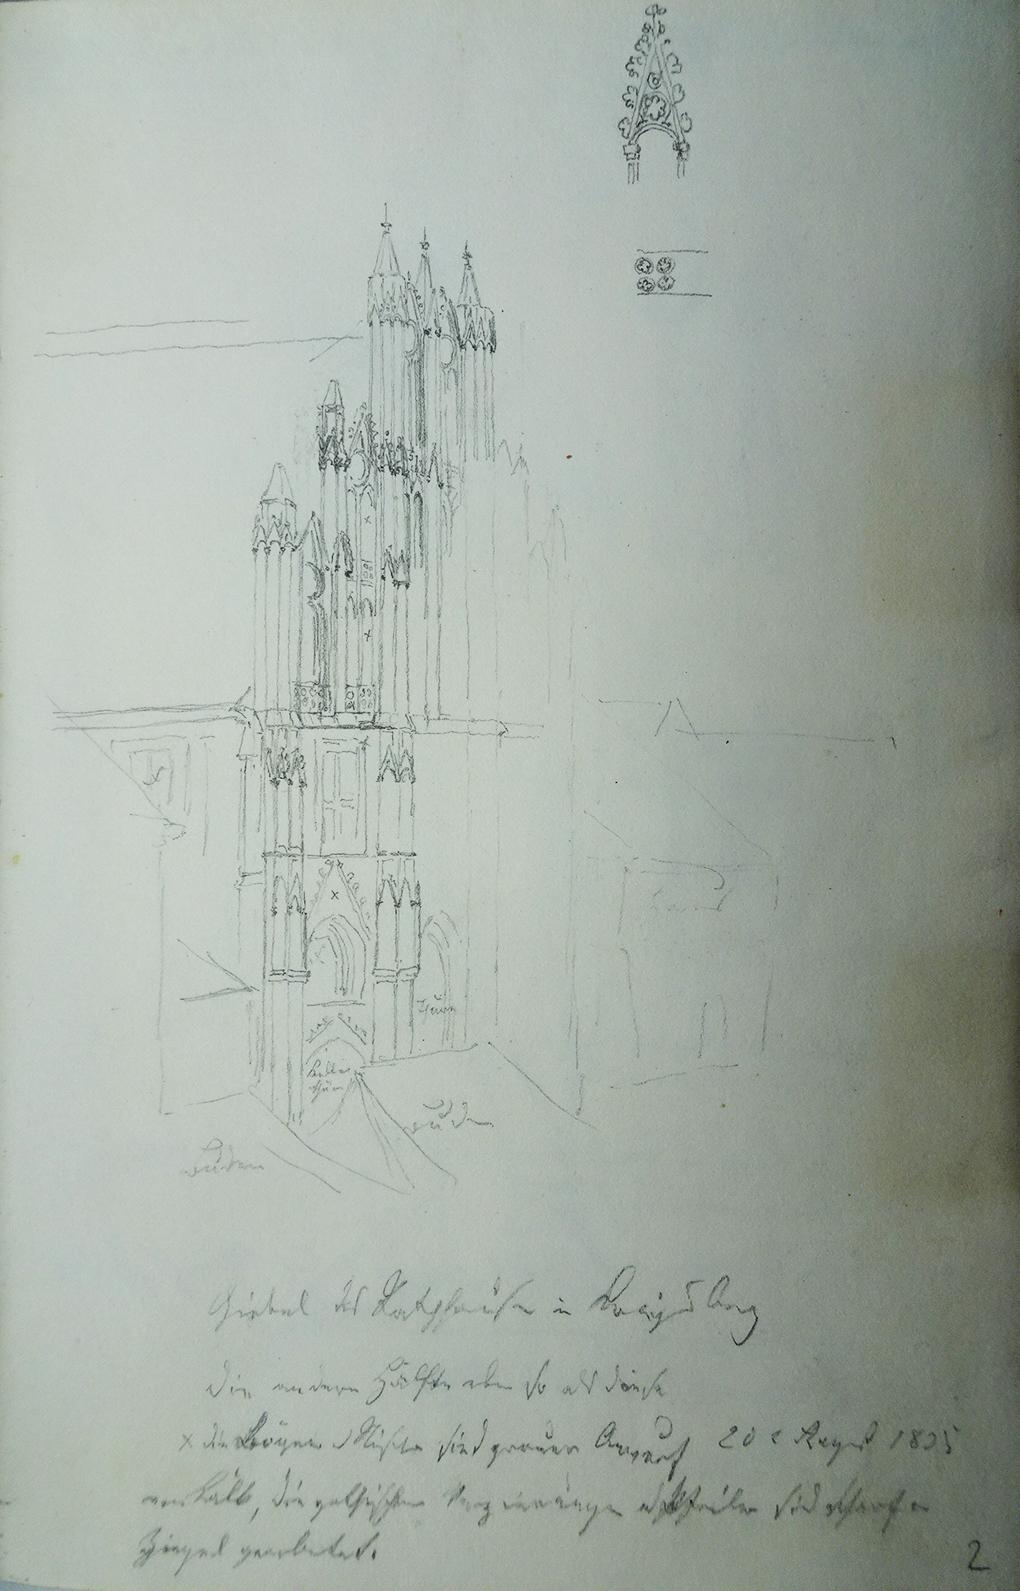 Ludwig Most, Widok fasady ratusza w Chojnie, 20 sierpnia 1835, papier czerpany, ołówek, Szkicownik VII, karta 2, Muzeum Narodowe w Szczecinie